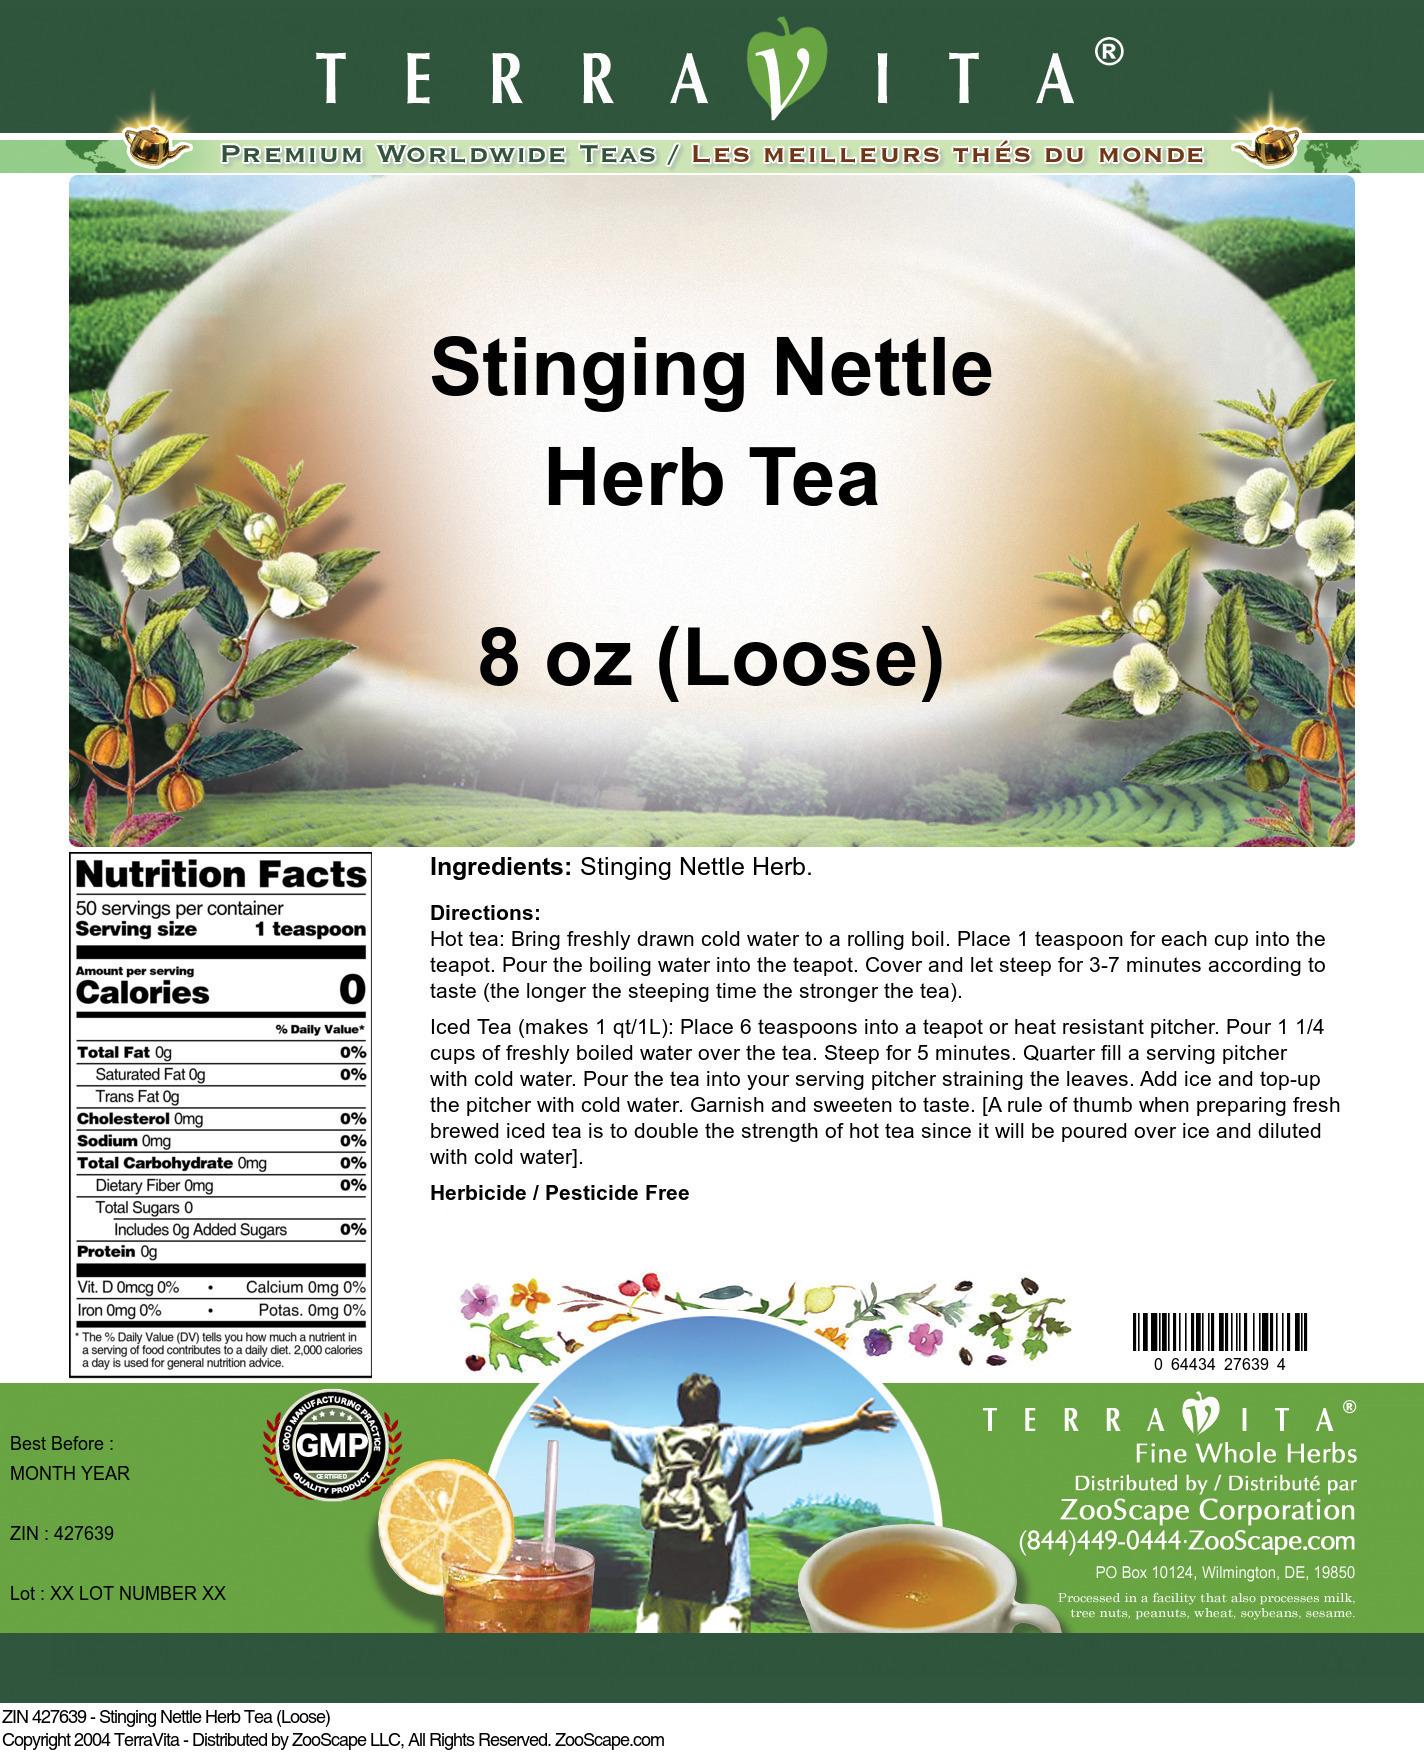 Stinging Nettle Herb Tea (Loose)